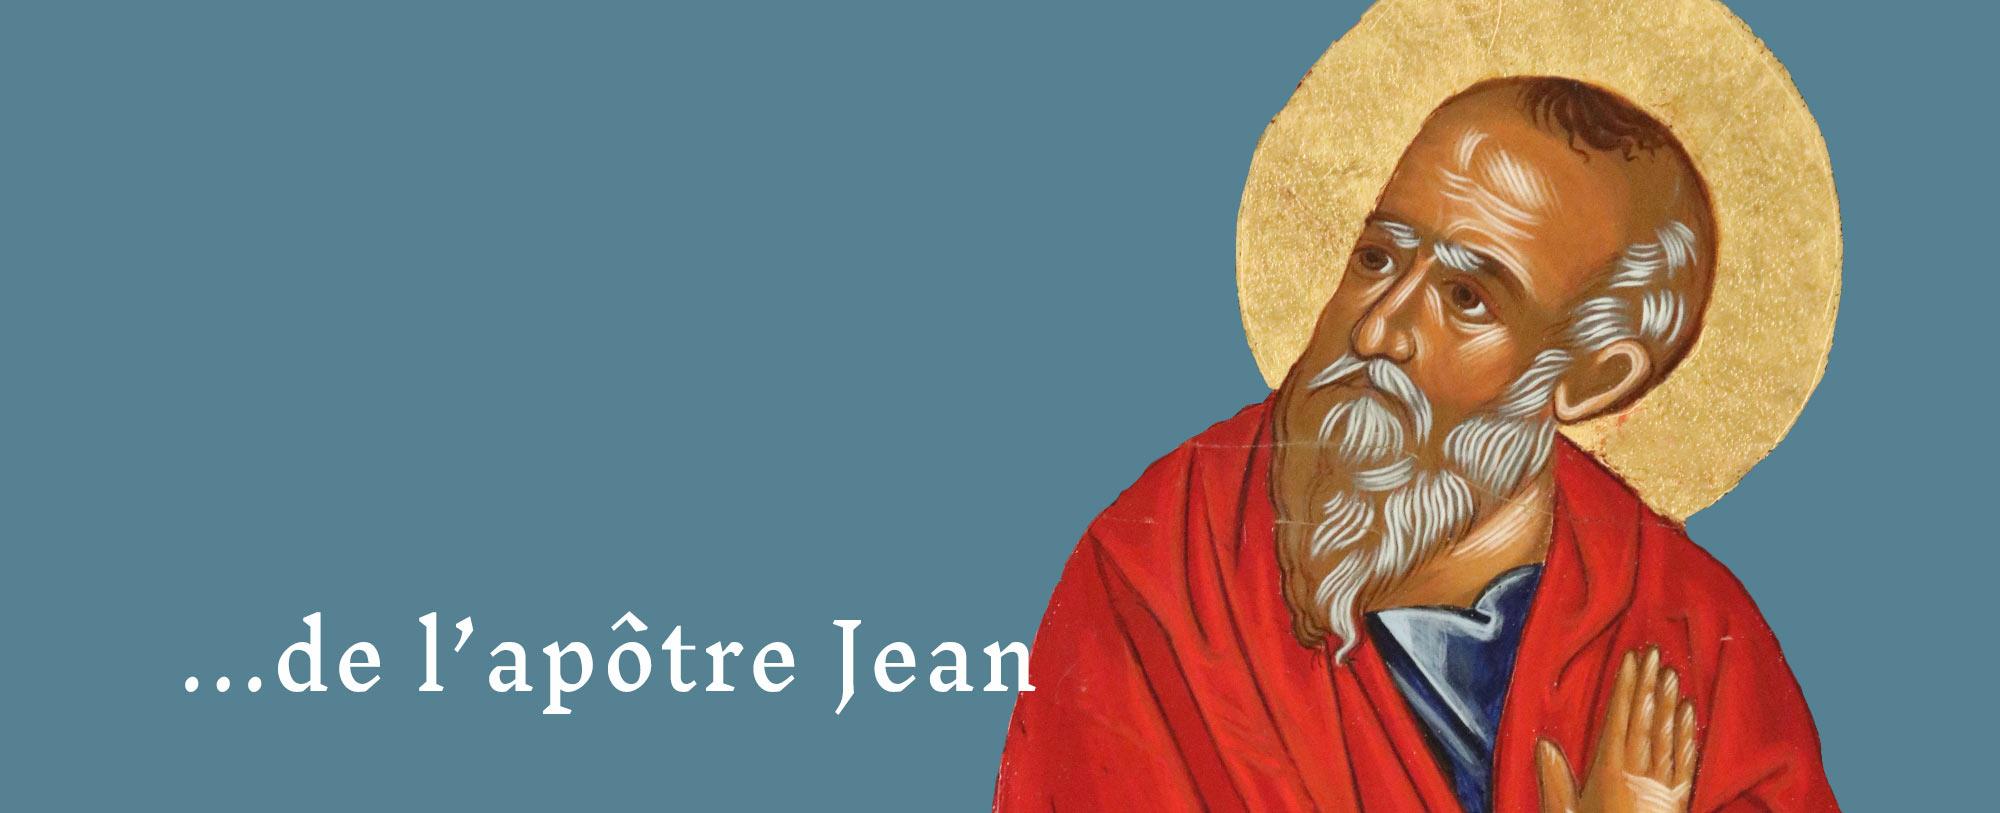 À la suite de l'apôtre Jean, vivre ensemble en amis du christ et témoigner de sa lumière et de son amour.